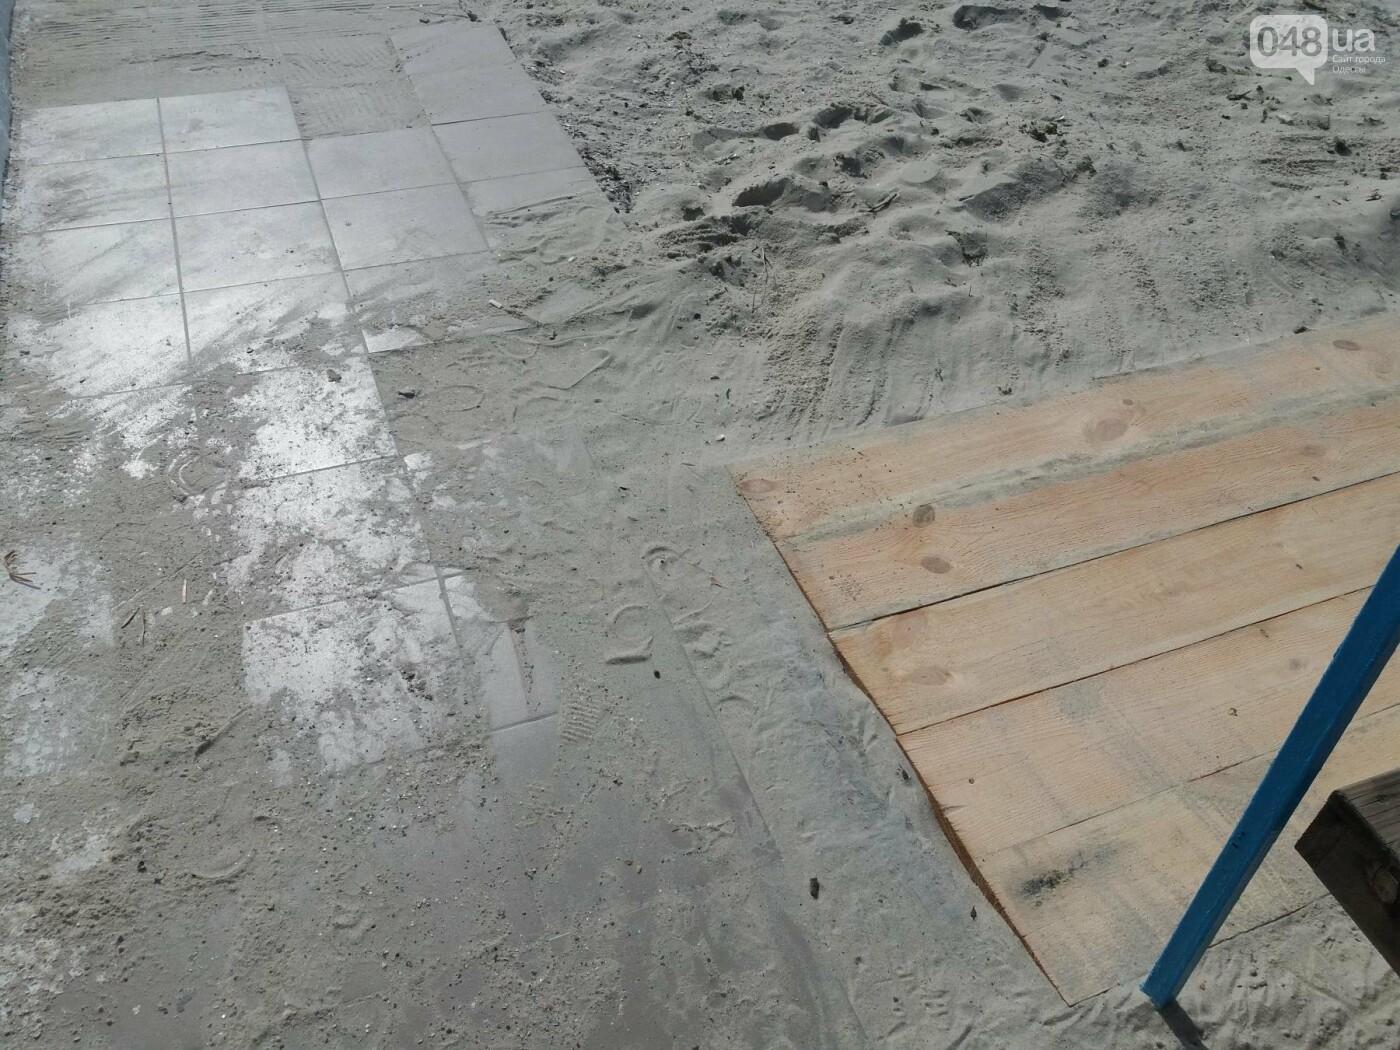 Потрясающий цинизм: как одесские чиновники благоустроили пляж для людей с инвалидностью, - ФОТО , фото-9